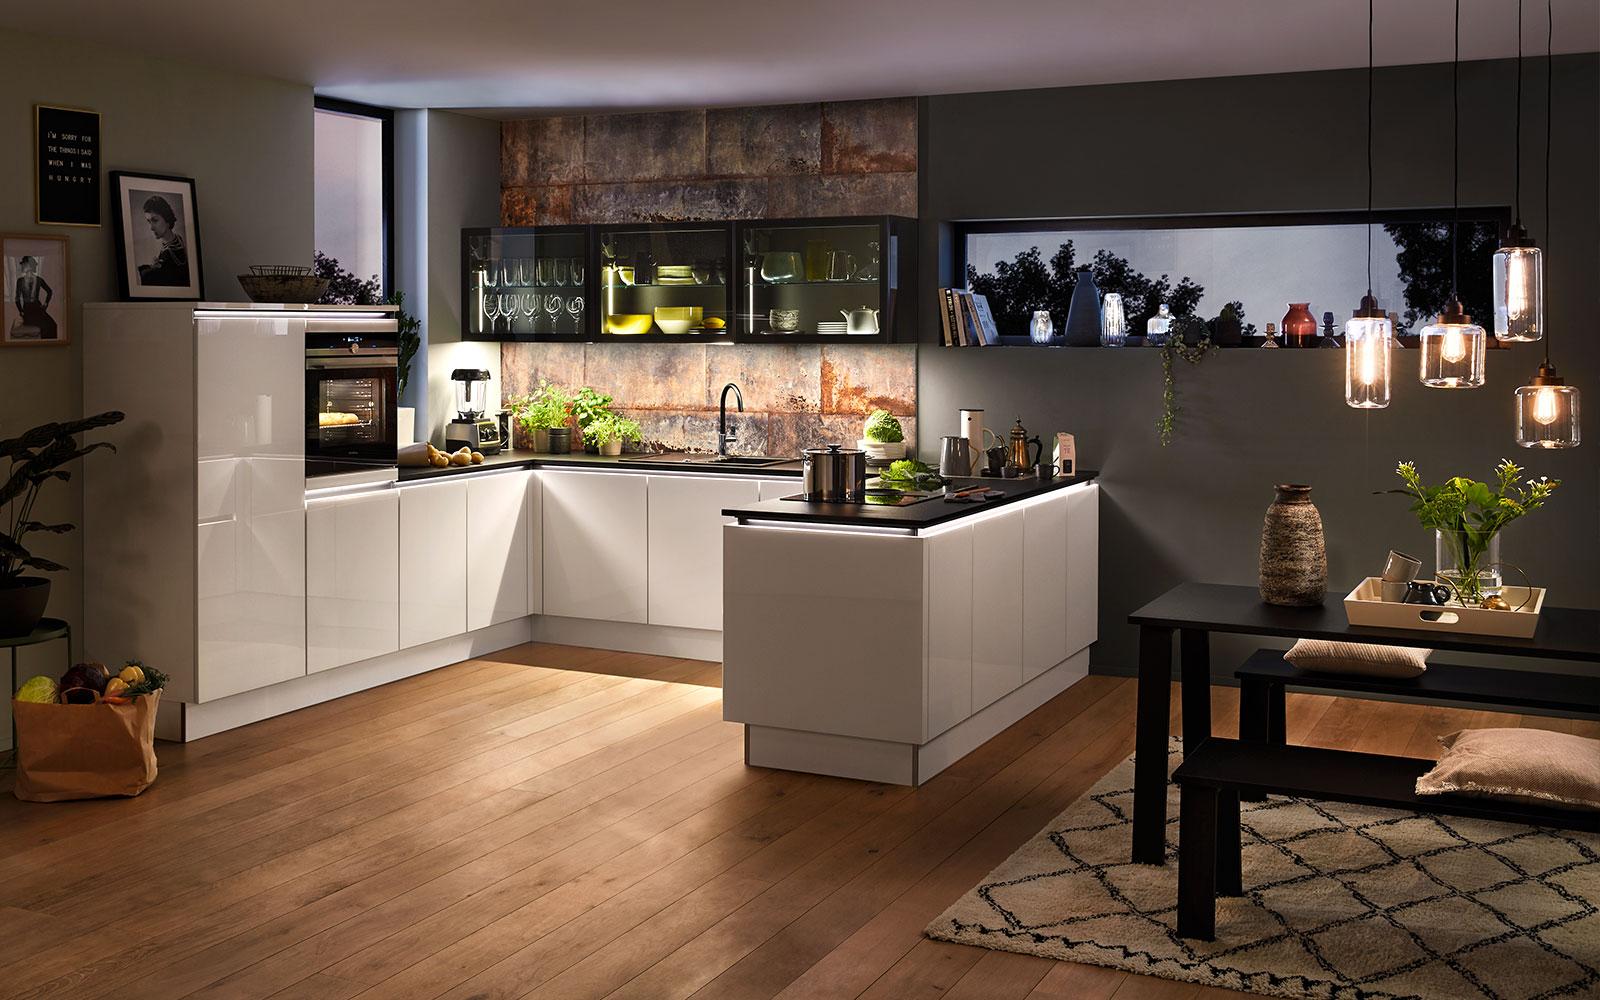 cuisine-cuisiniste-nolte-antony-4